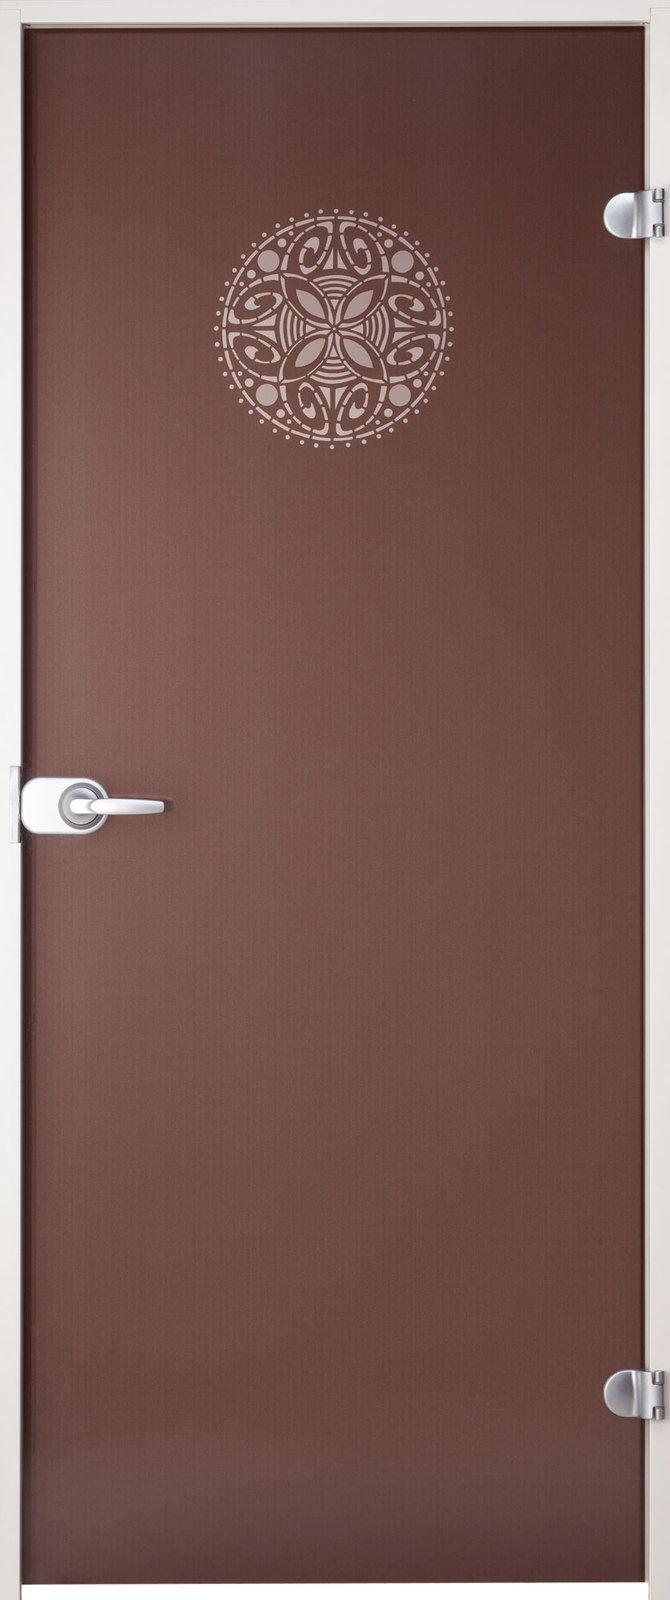 Kylppärin ovi itämaisella ornamenttikuviolla. Ovi on valmistettu 8 mm paksuisesta turvalasista. - Bathroom door with oriental effect. Door is made of 8 mm thick safety glass.